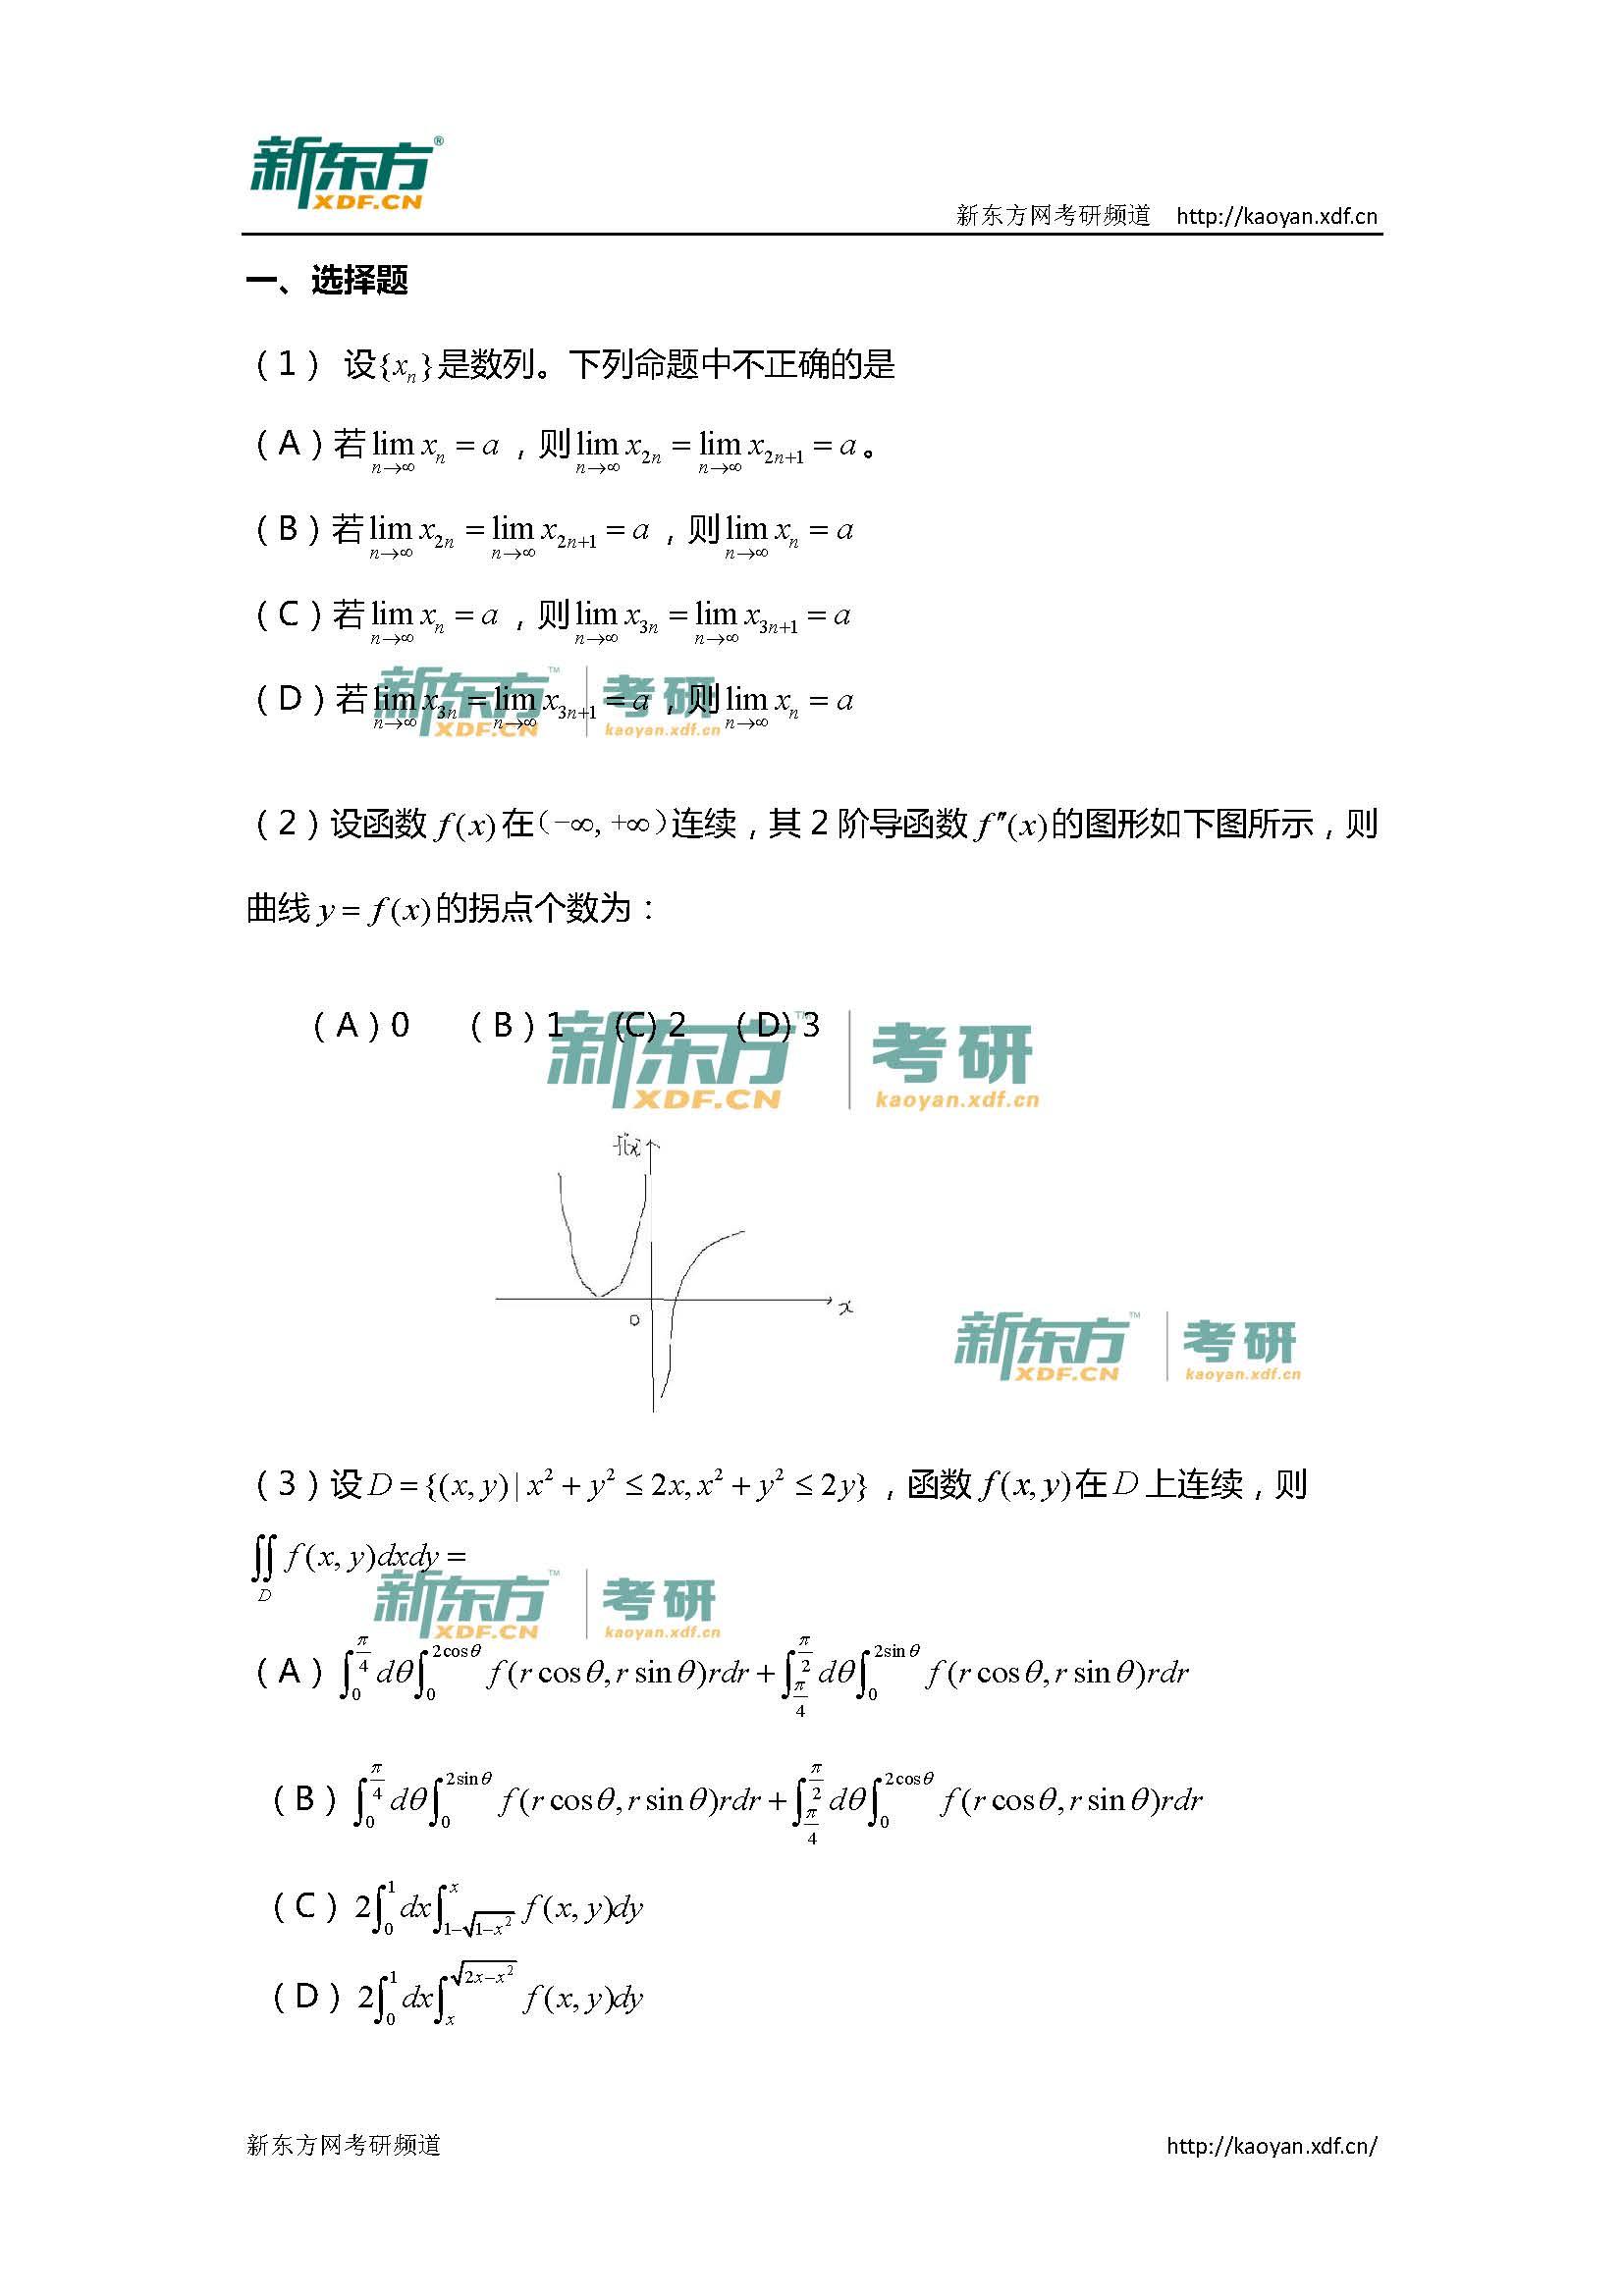 新东方2015考研数学三真题(完整版)